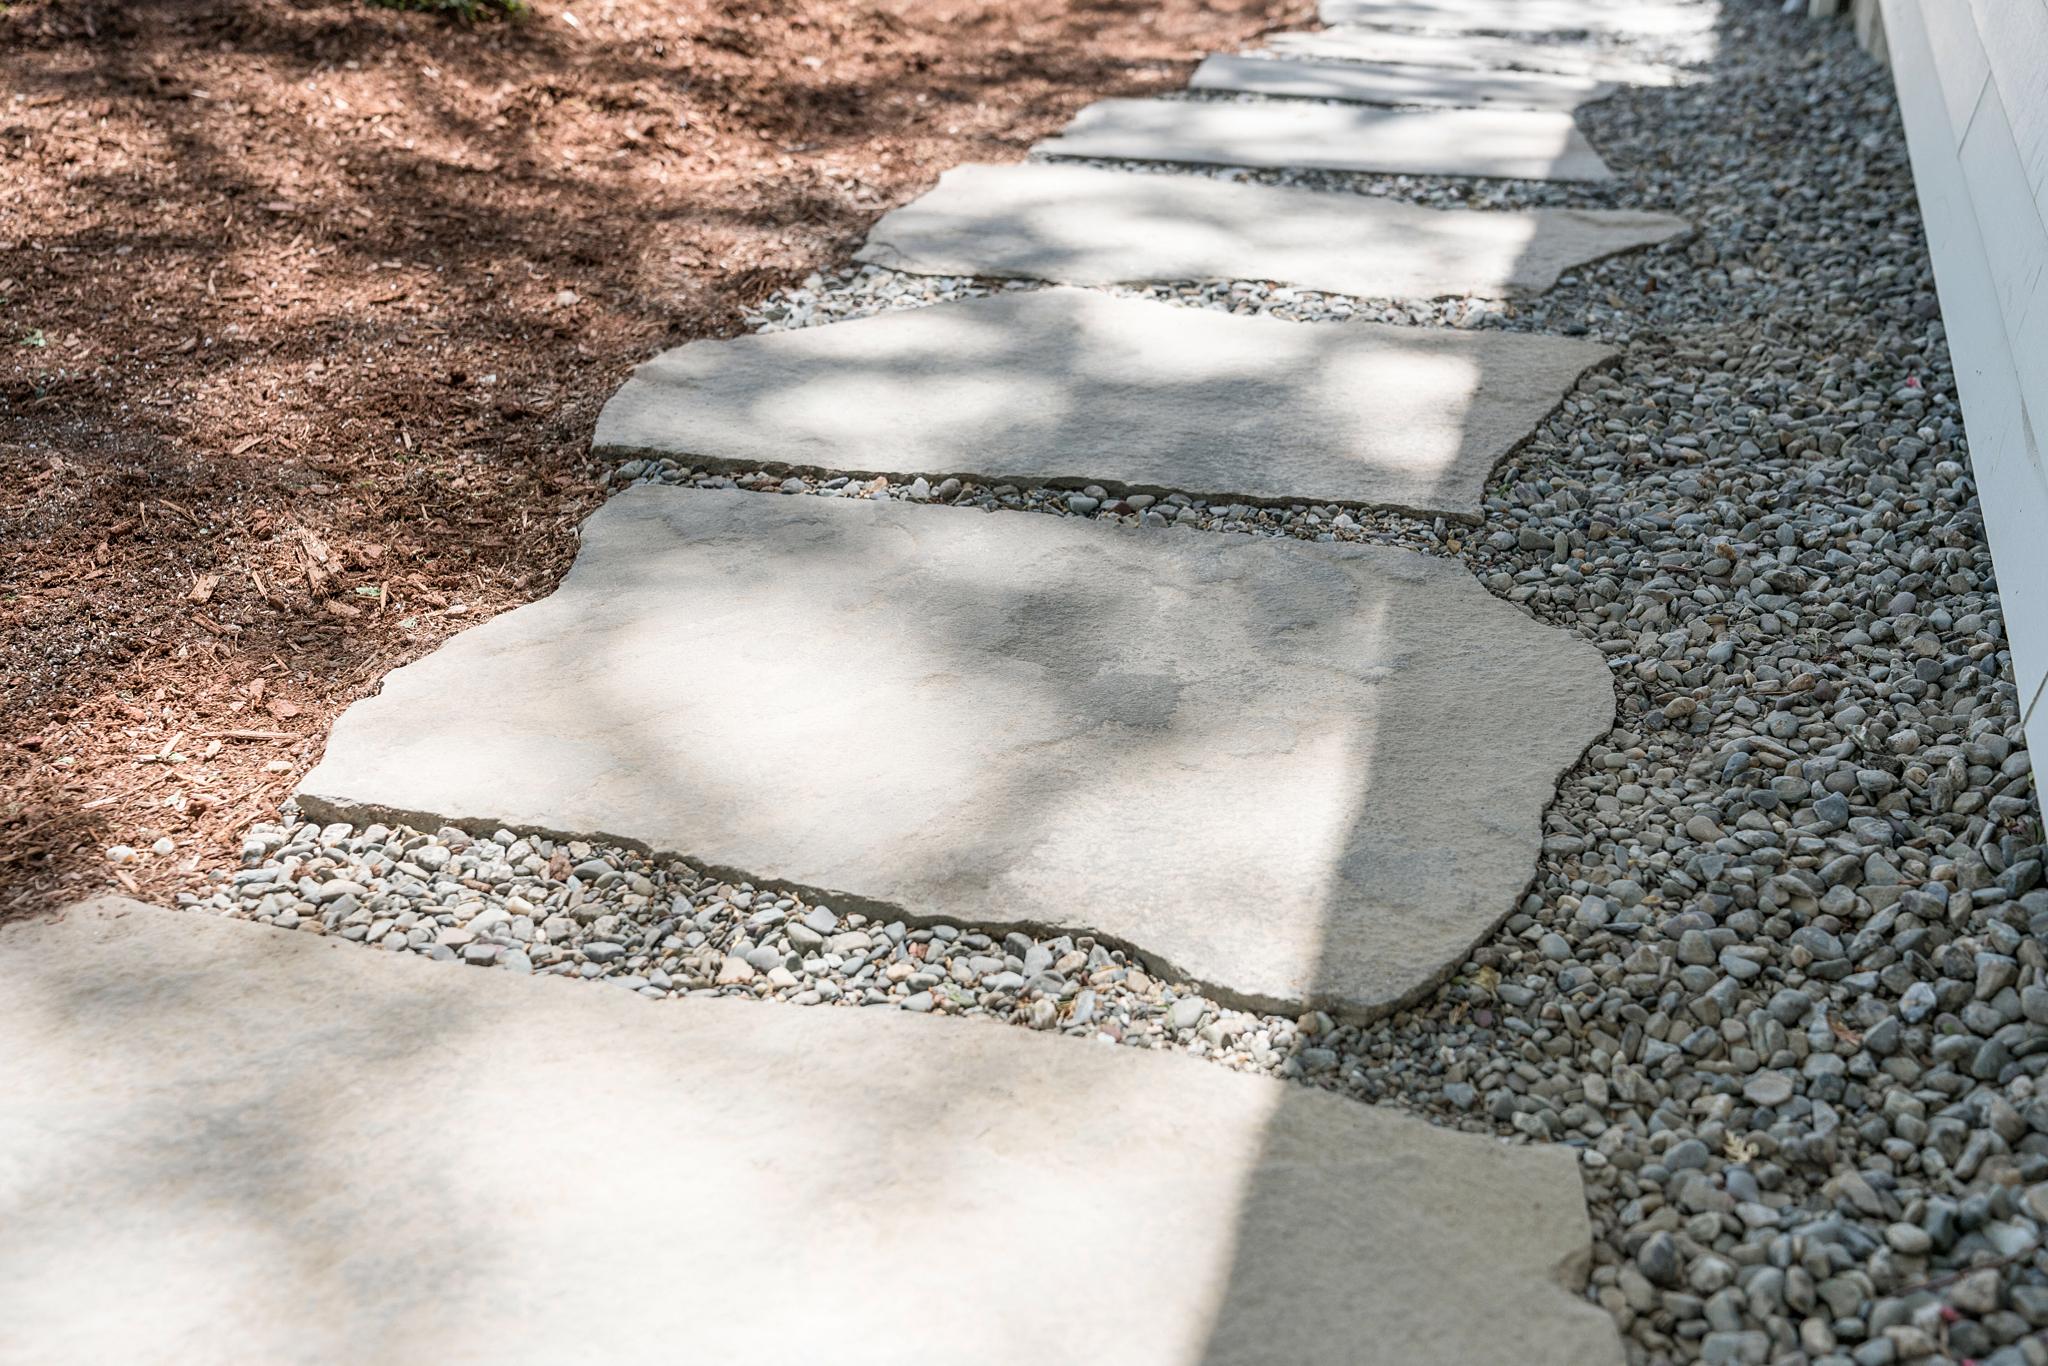 дорожка из каменных неровных плит